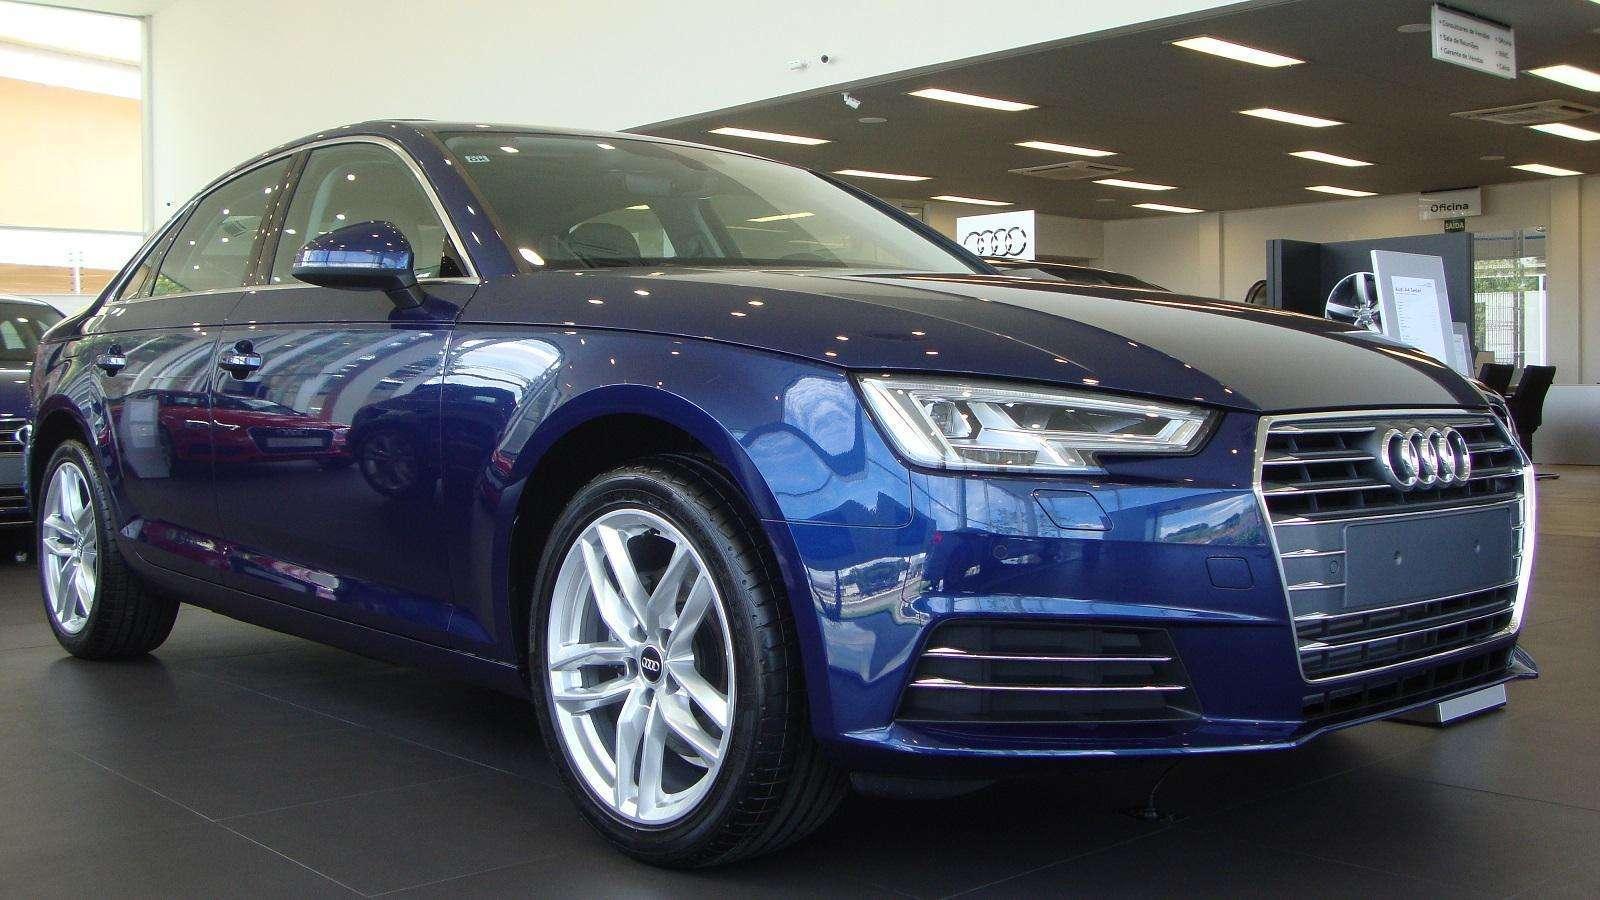 Lançamento no Piauí: Audi A4 2017 traz a tecnologia de amanhã, hoje